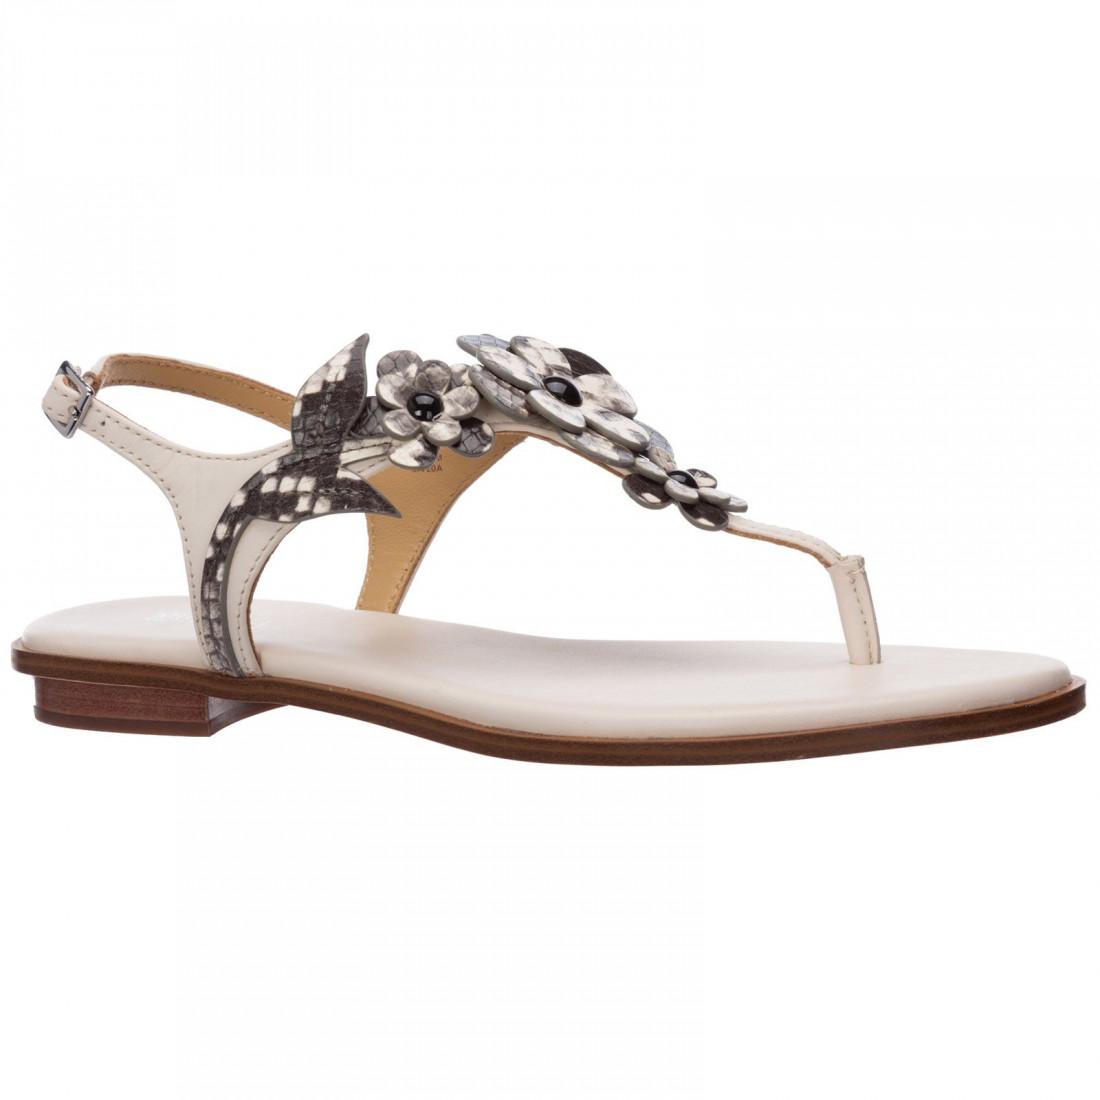 sandalen damen michael kors 40s0flfa4l289 7375